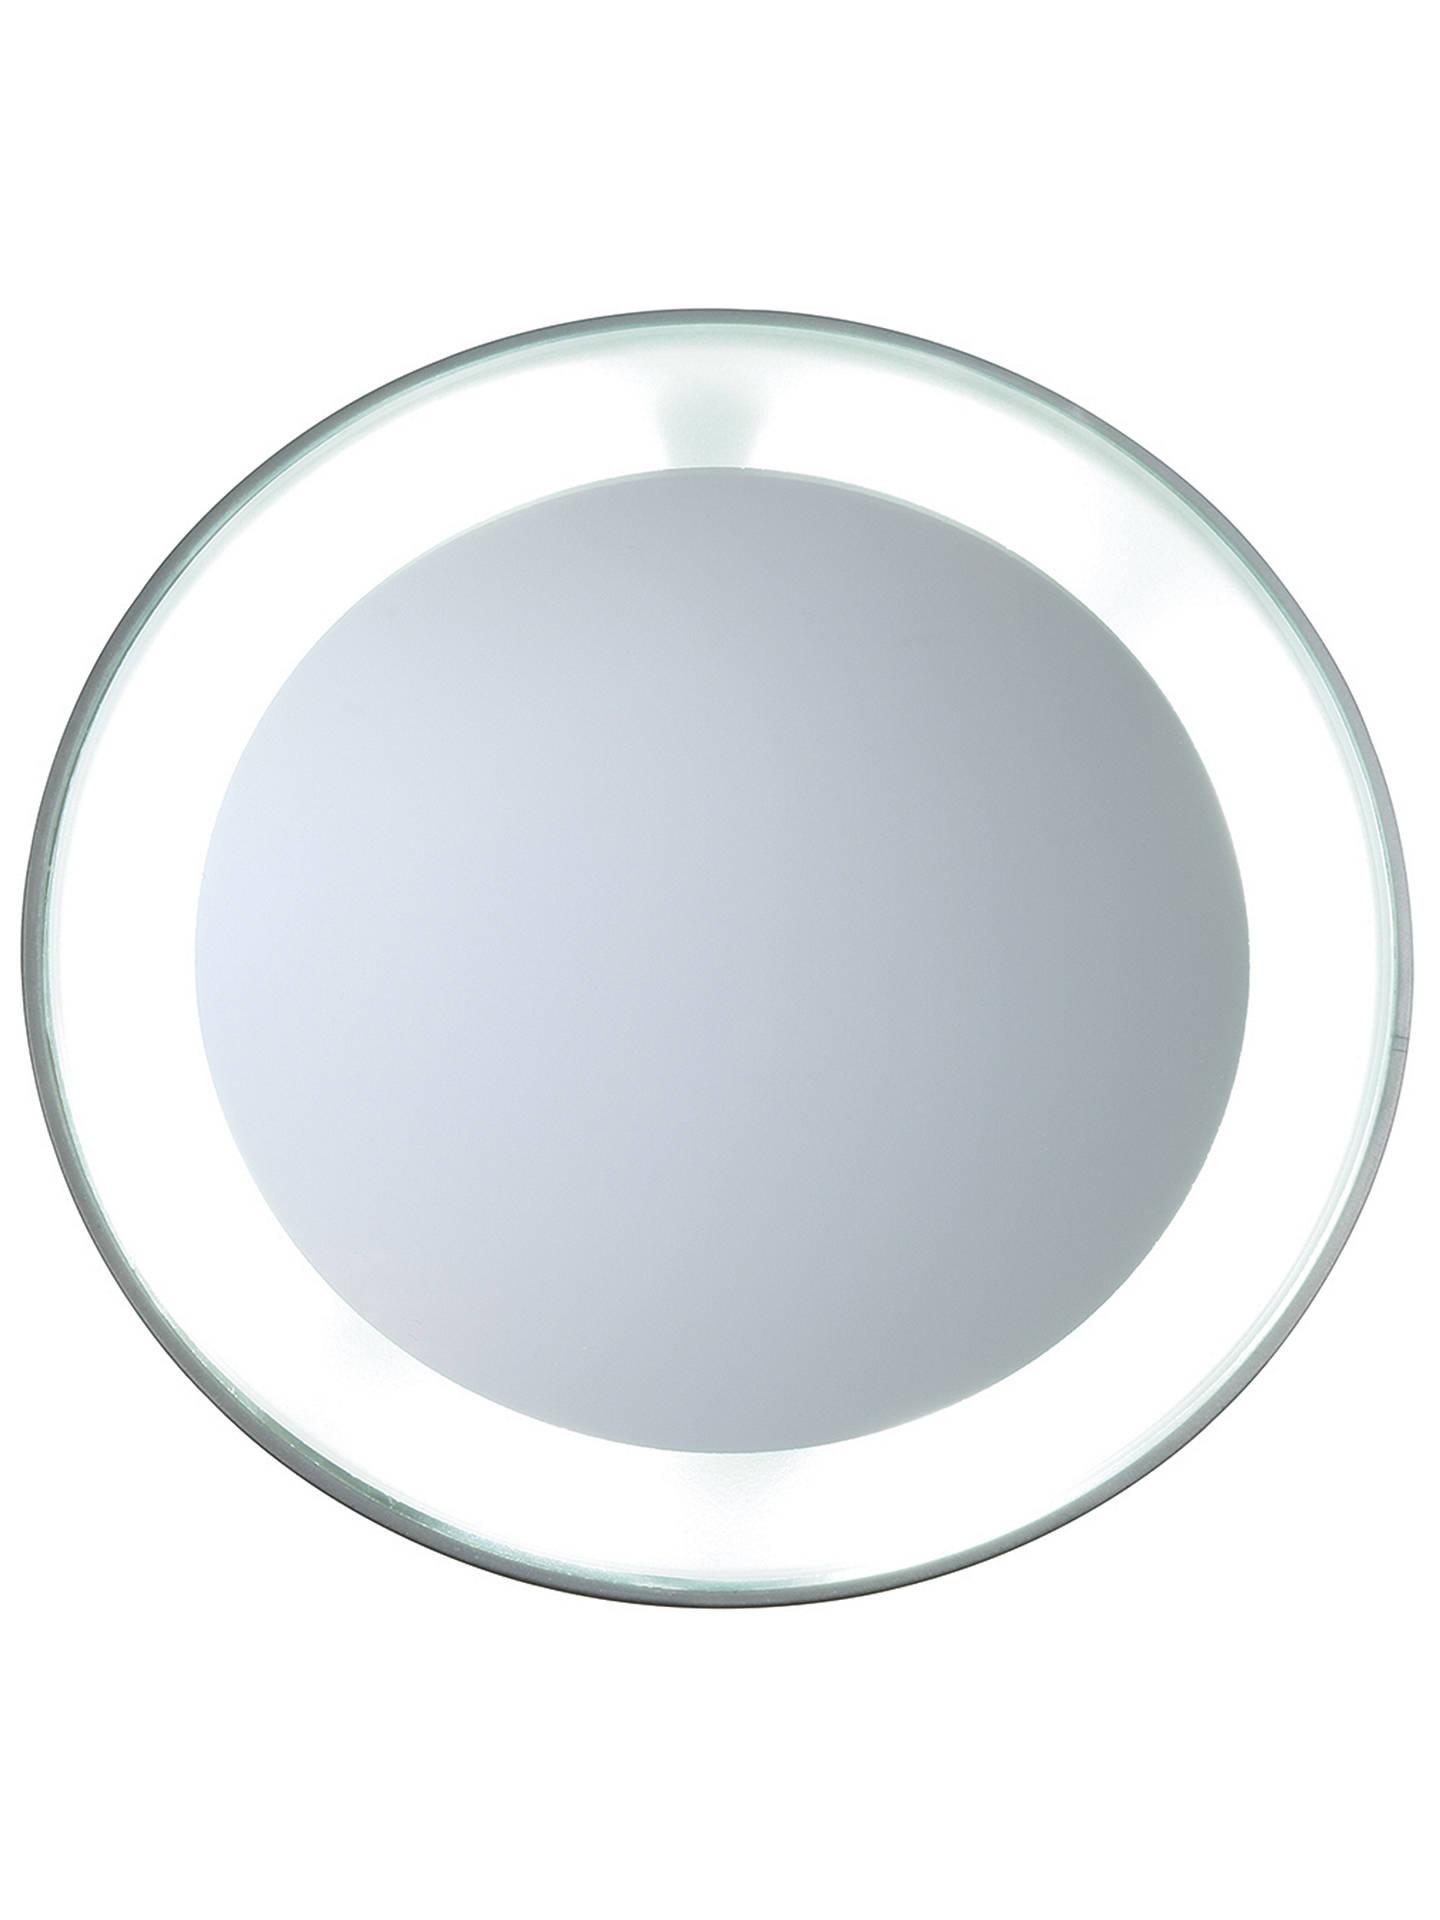 Tweezerman Led 15x Magnifying Mirror At John Lewis Amp Partners